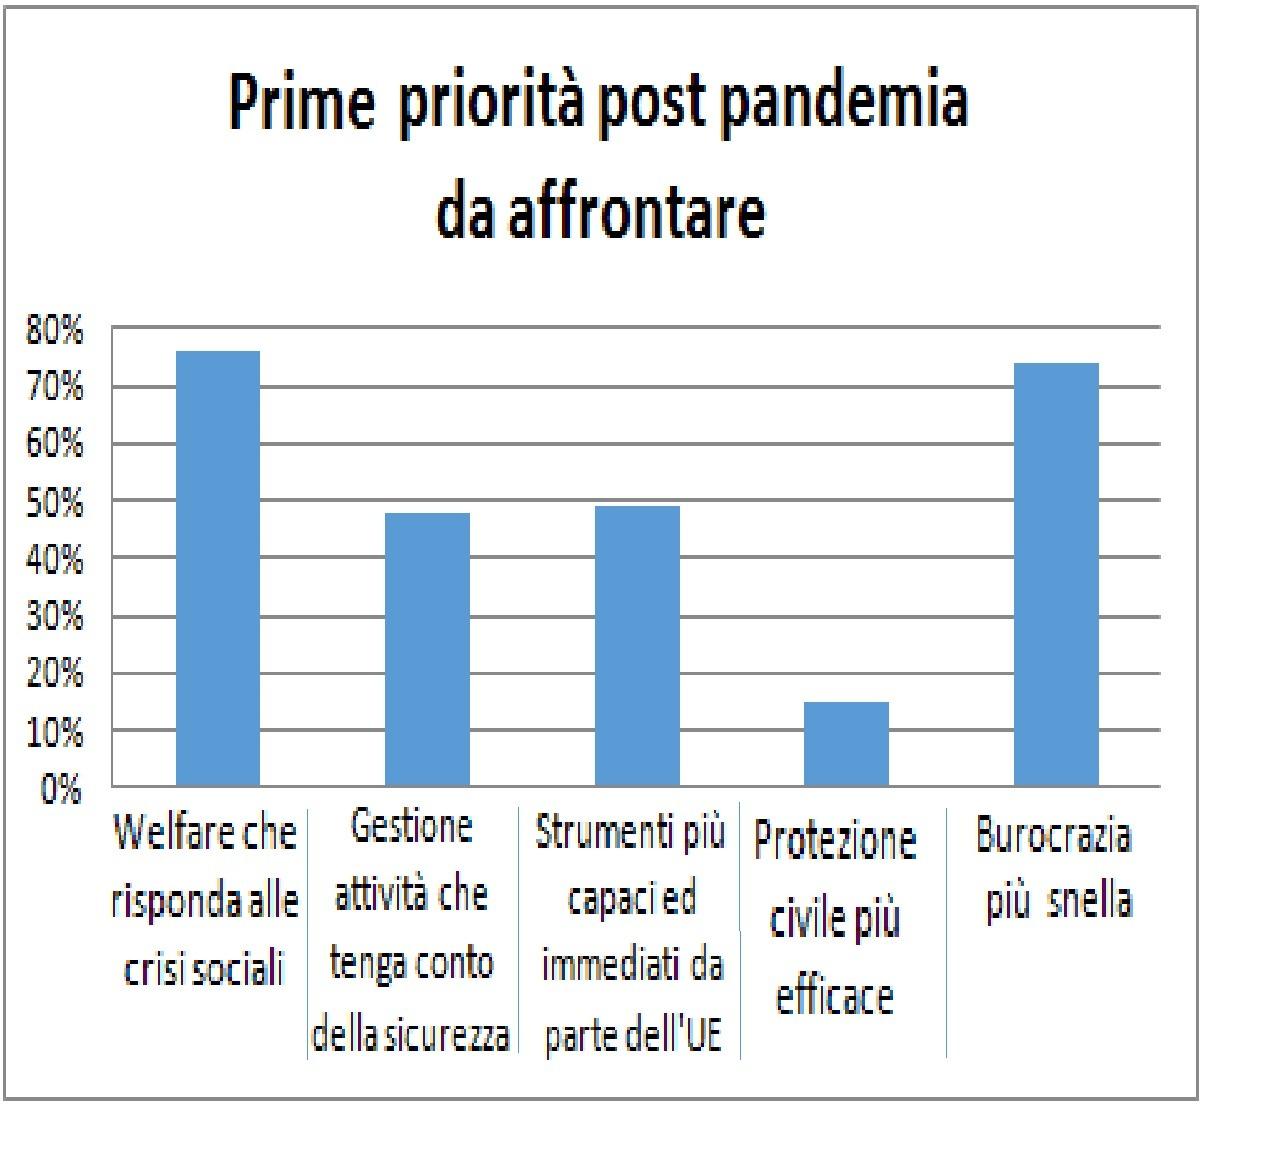 primeprioritapostpandemia-1592836368.jpg